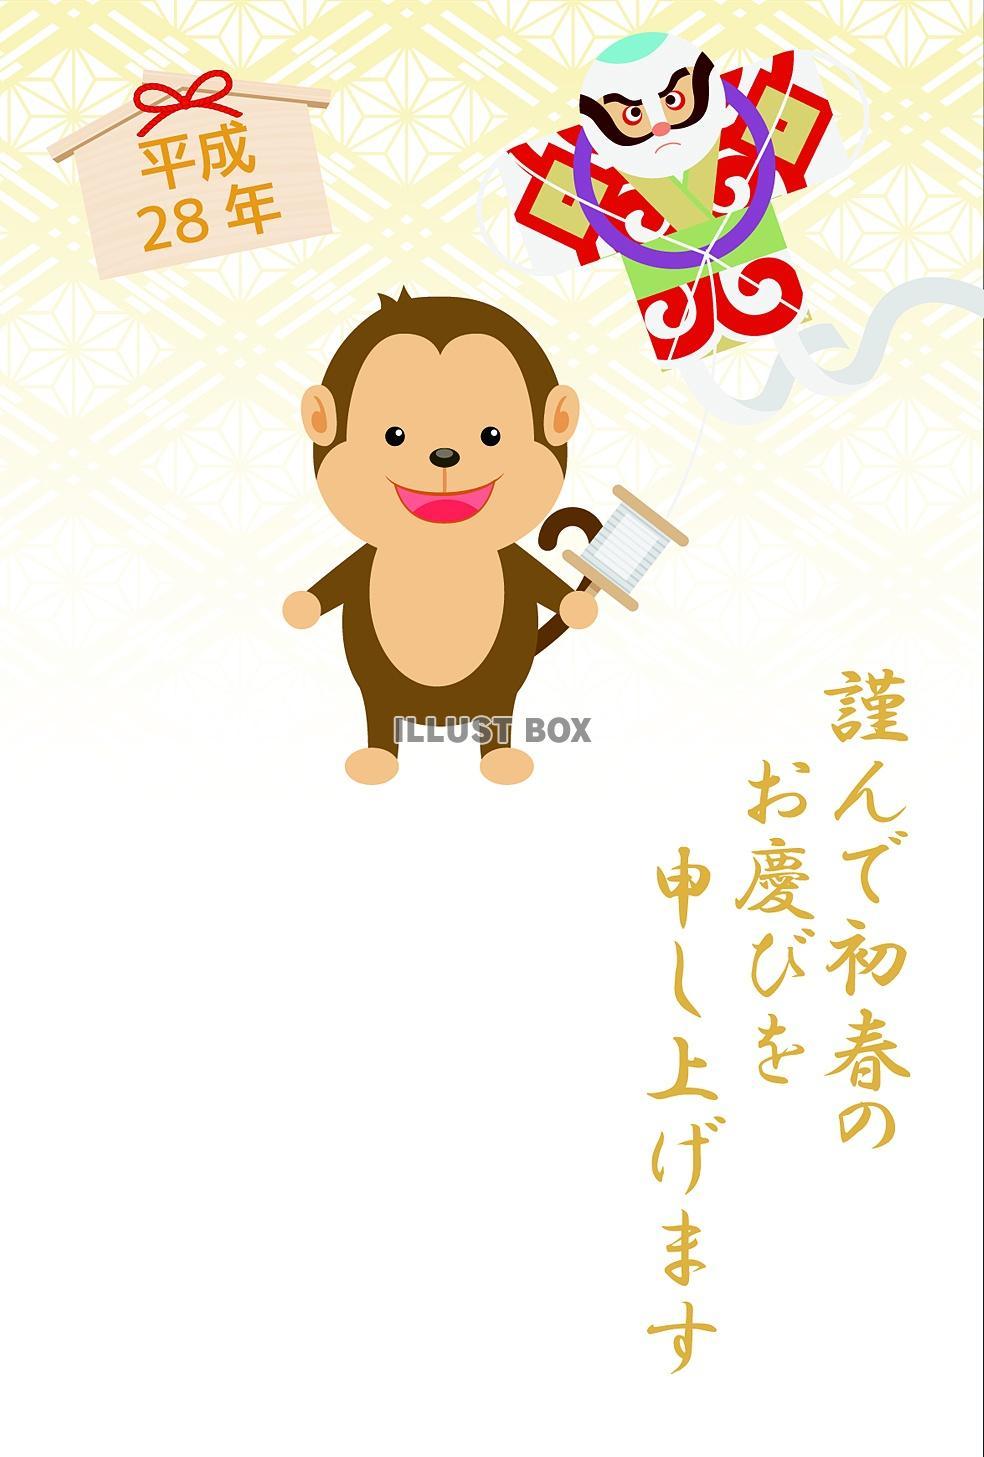 カレンダー キャラクターカレンダー 無料ダウンロード : 申年、年賀状テンプレート(jpg ...